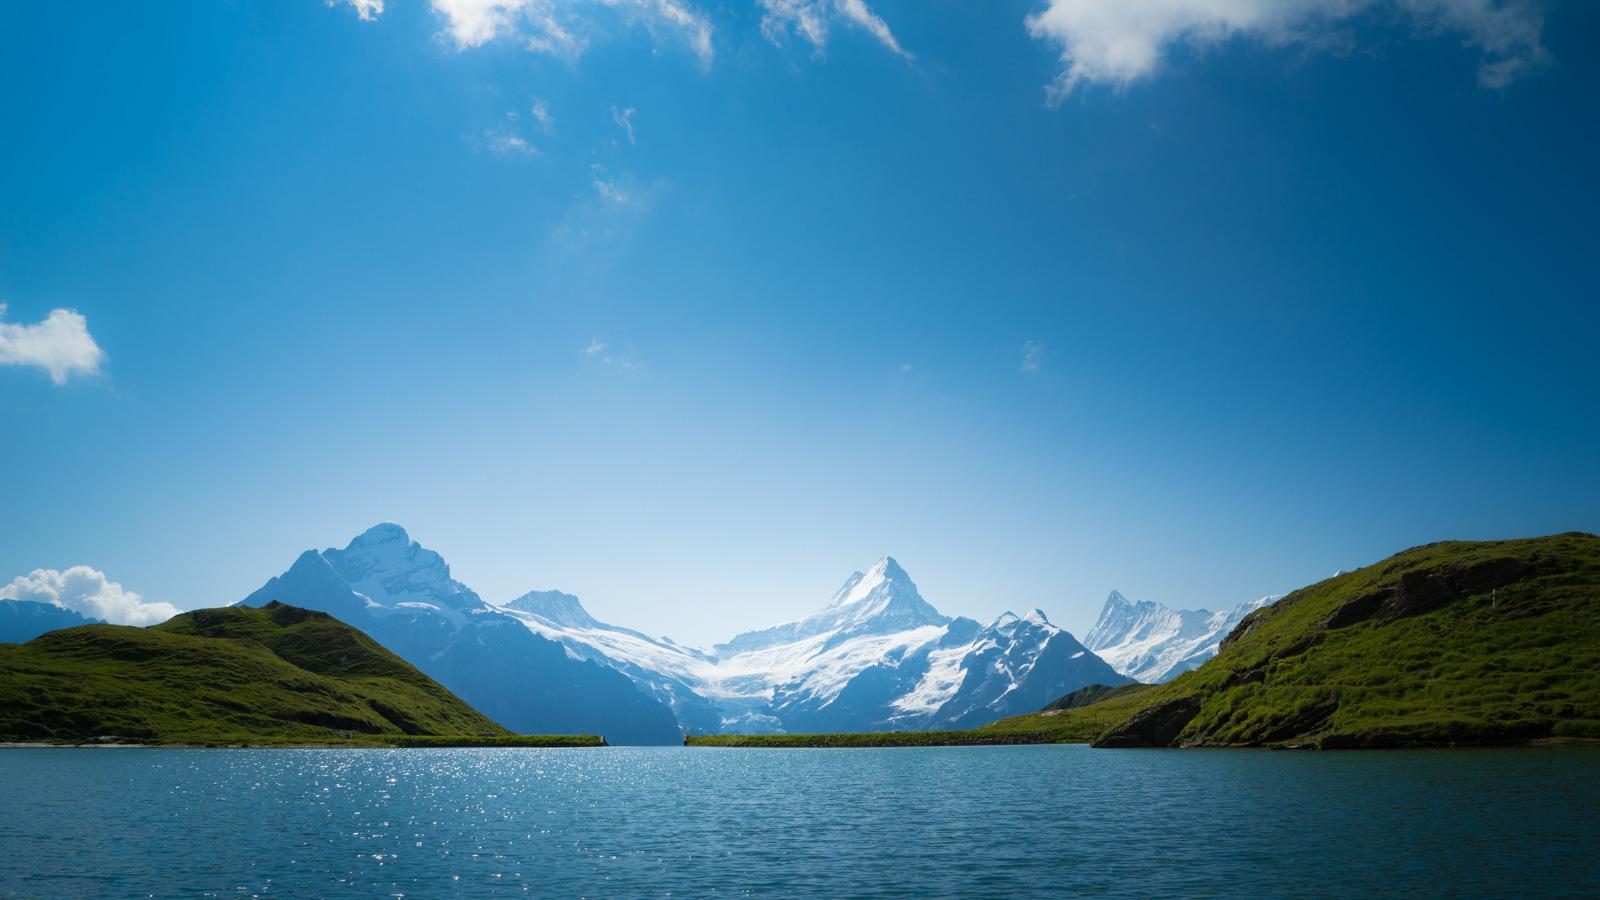 Bachalpsee, Switzerland